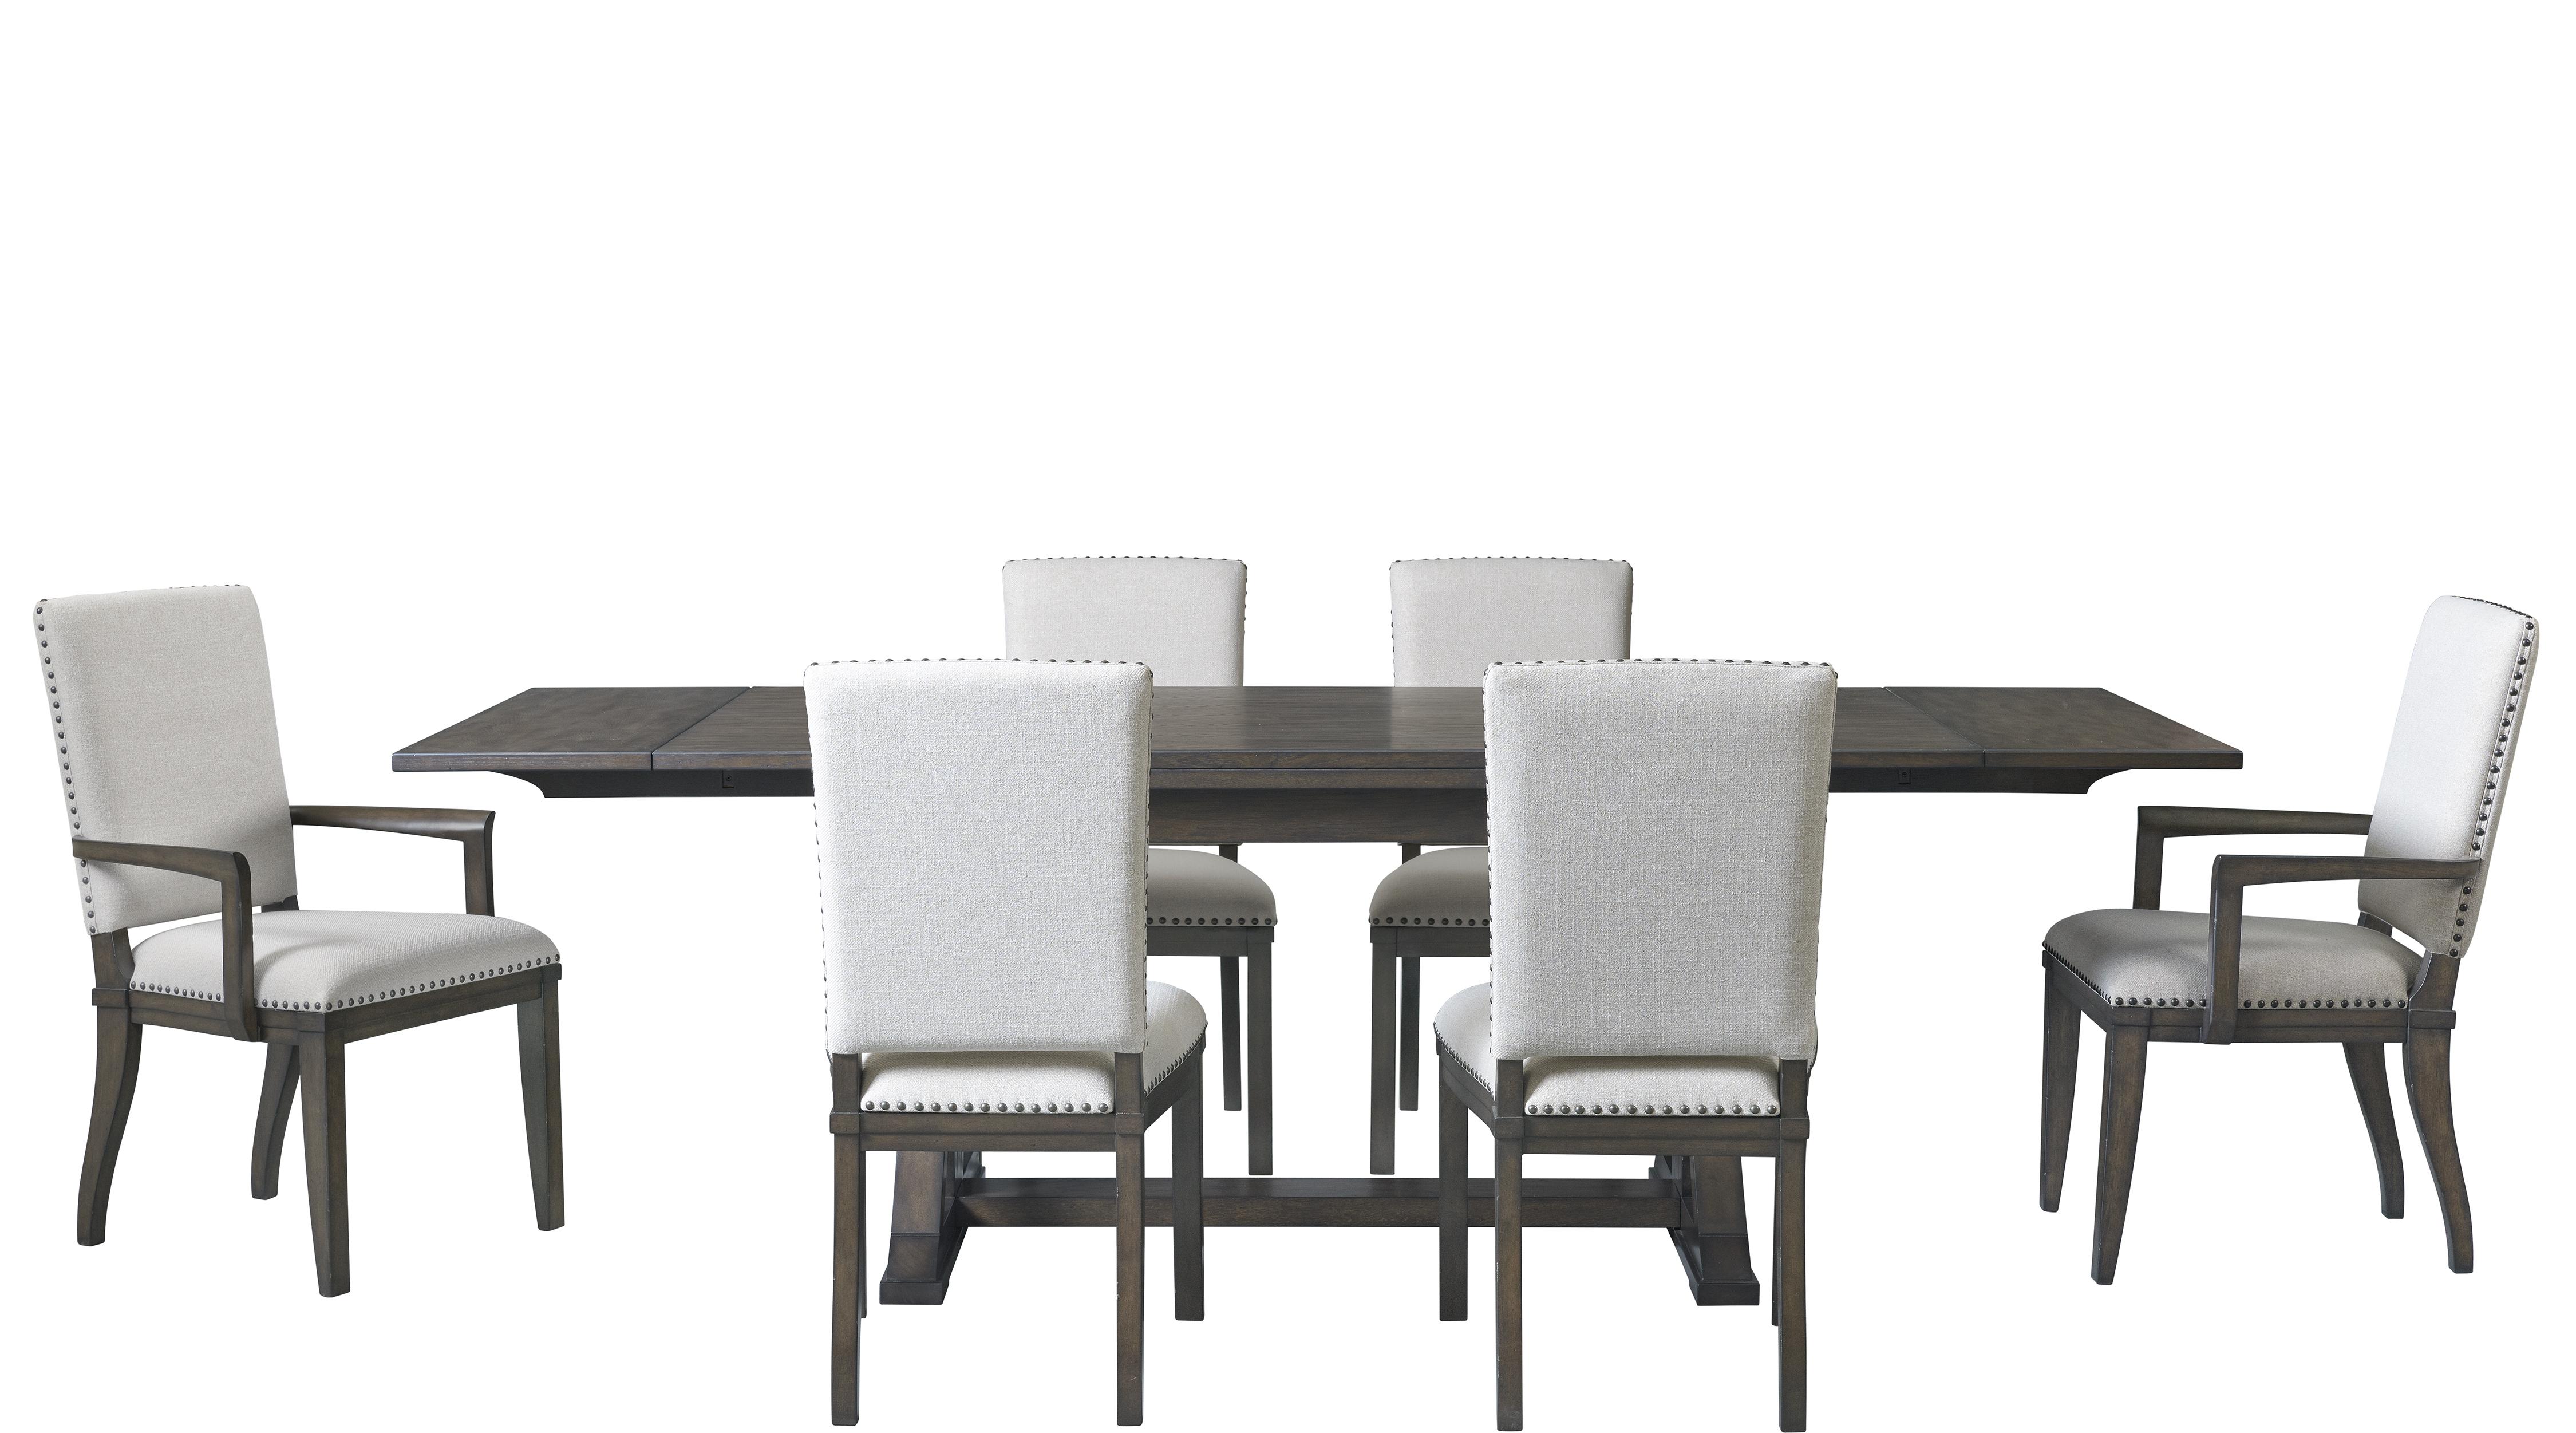 Forsyth 7-Piece Dining Set by Riverside Furniture at Mueller Furniture